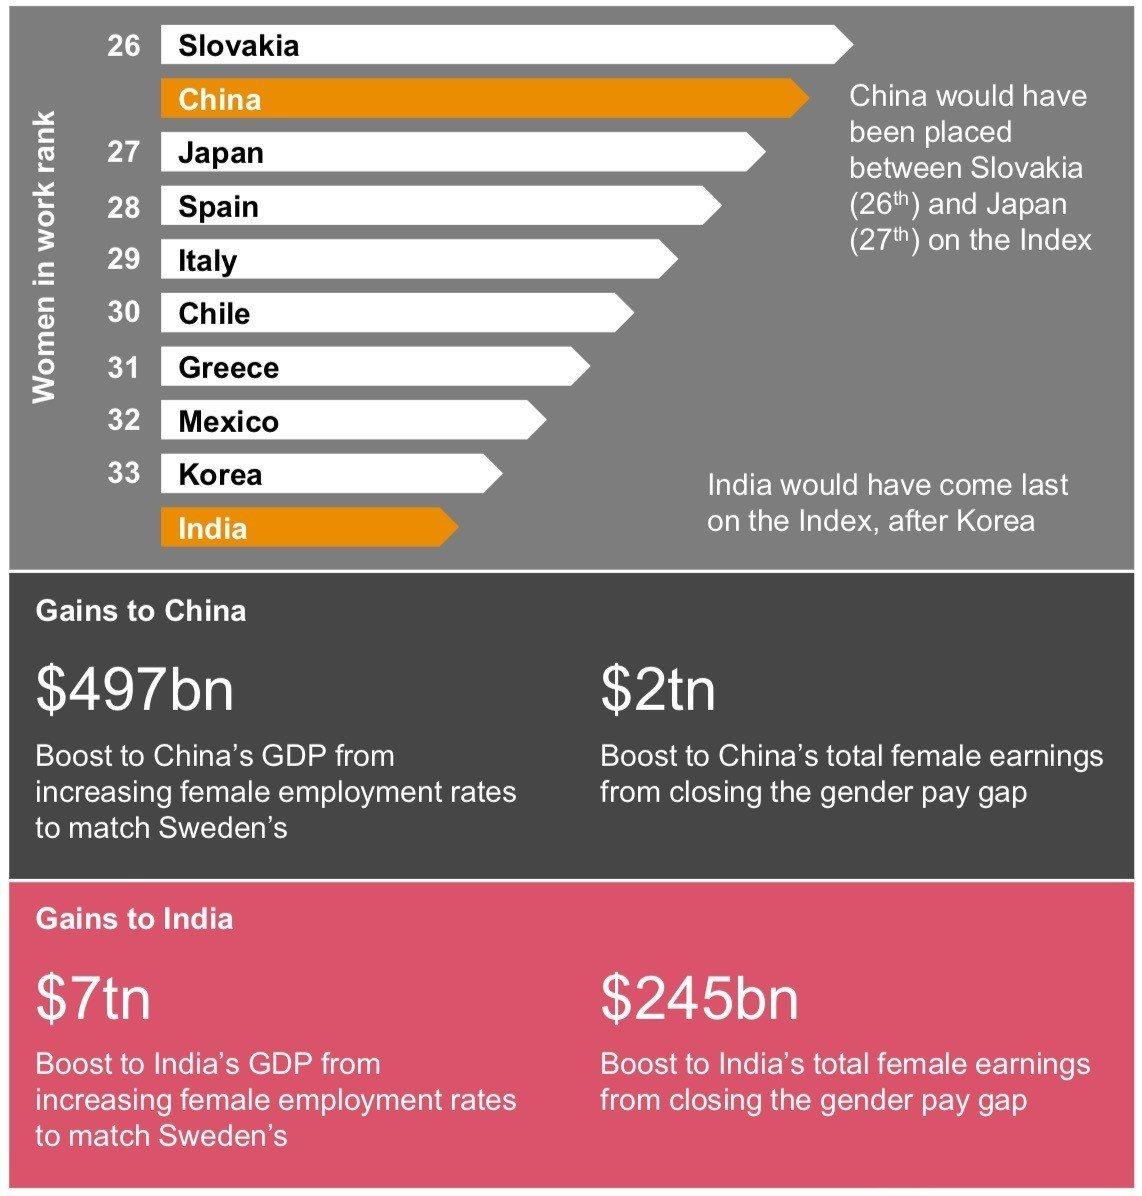 資誠指出,印度和中國透過性別平等和改善女性參與勞動力,可產生數兆美元的額外經濟收...